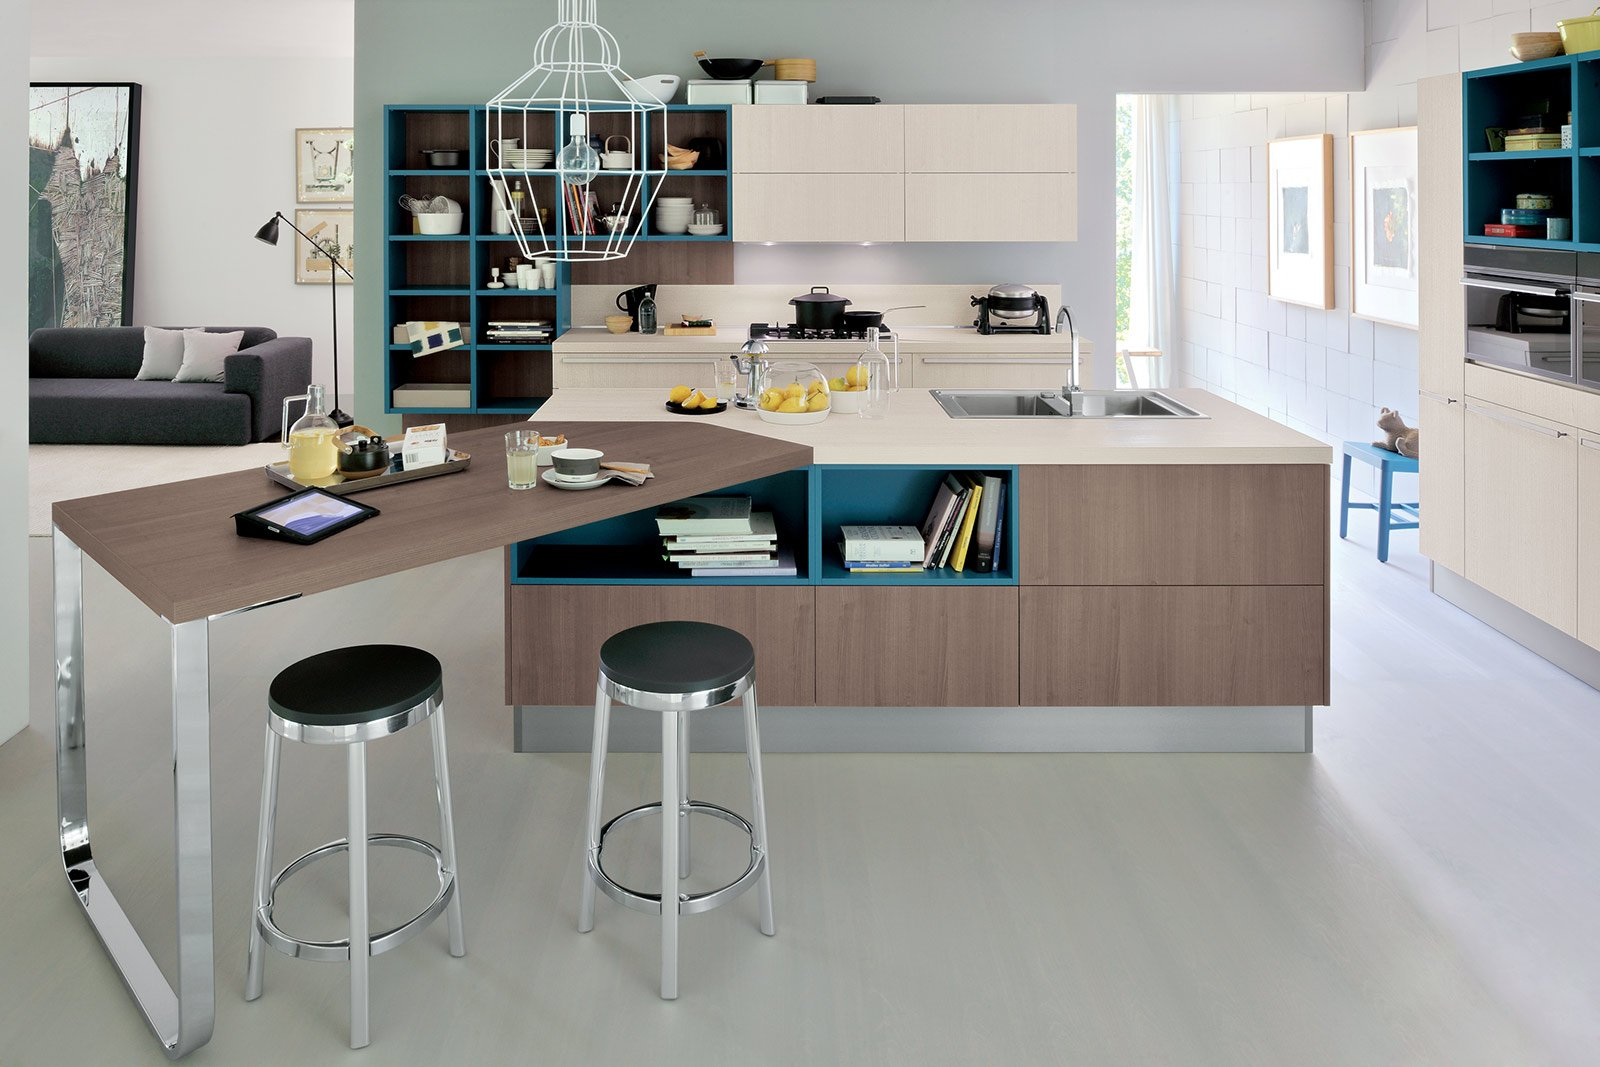 Banco snack pratico e conviviale cose di casa for Piccoli piani di casa di un livello